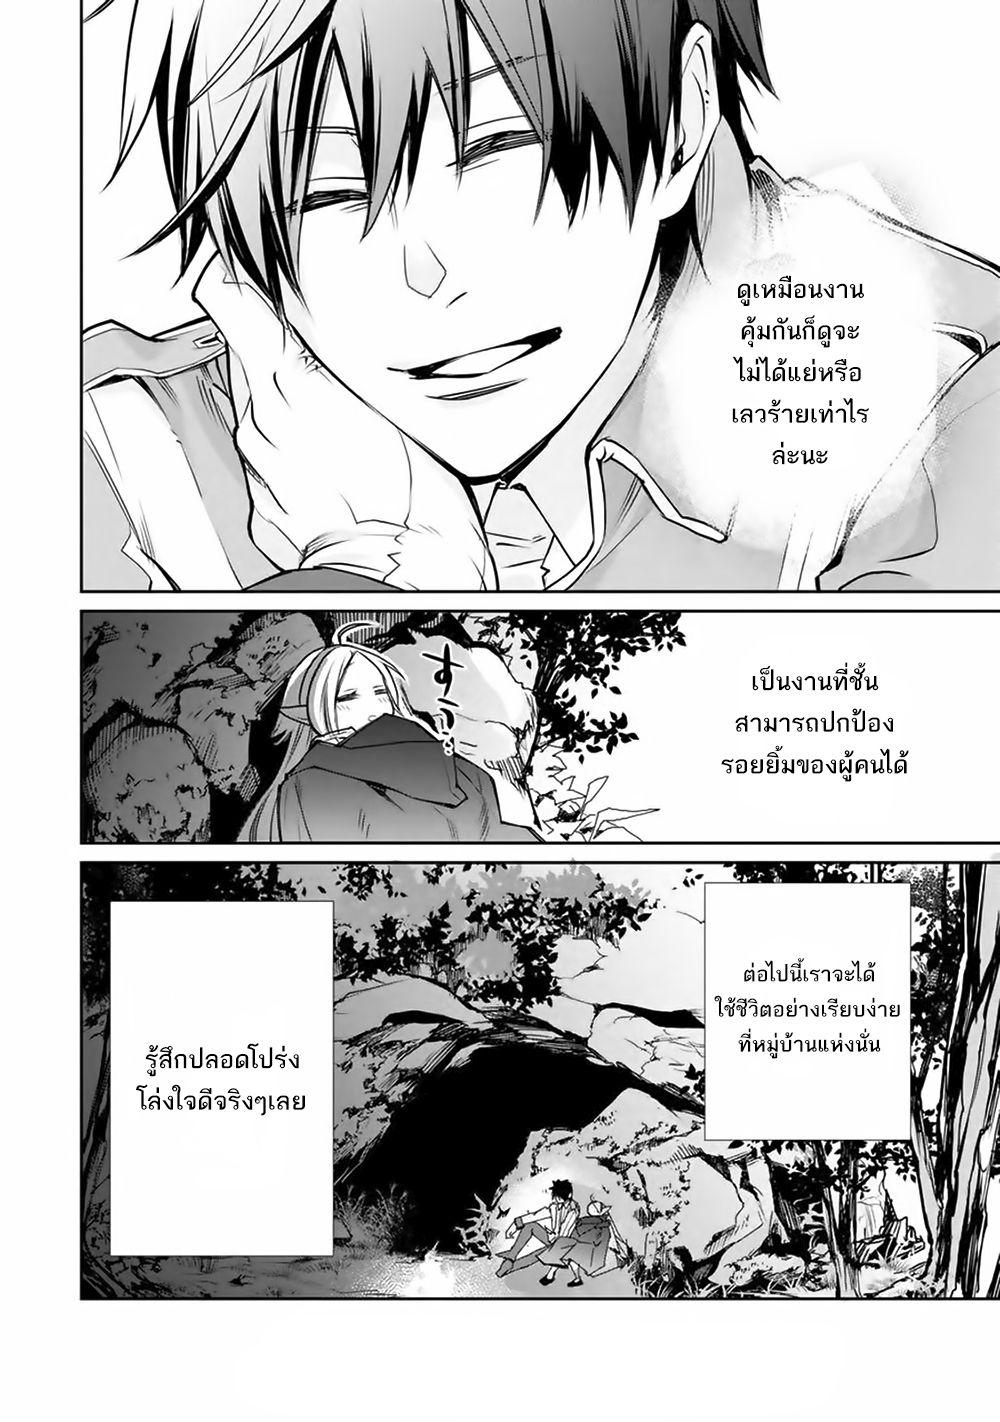 อ่านการ์ตูน Saikyo no mado-shi. Hiza ni ya o ukete shimattanode inaka no eihei ni naru ตอนที่ 1.3 หน้าที่ 20